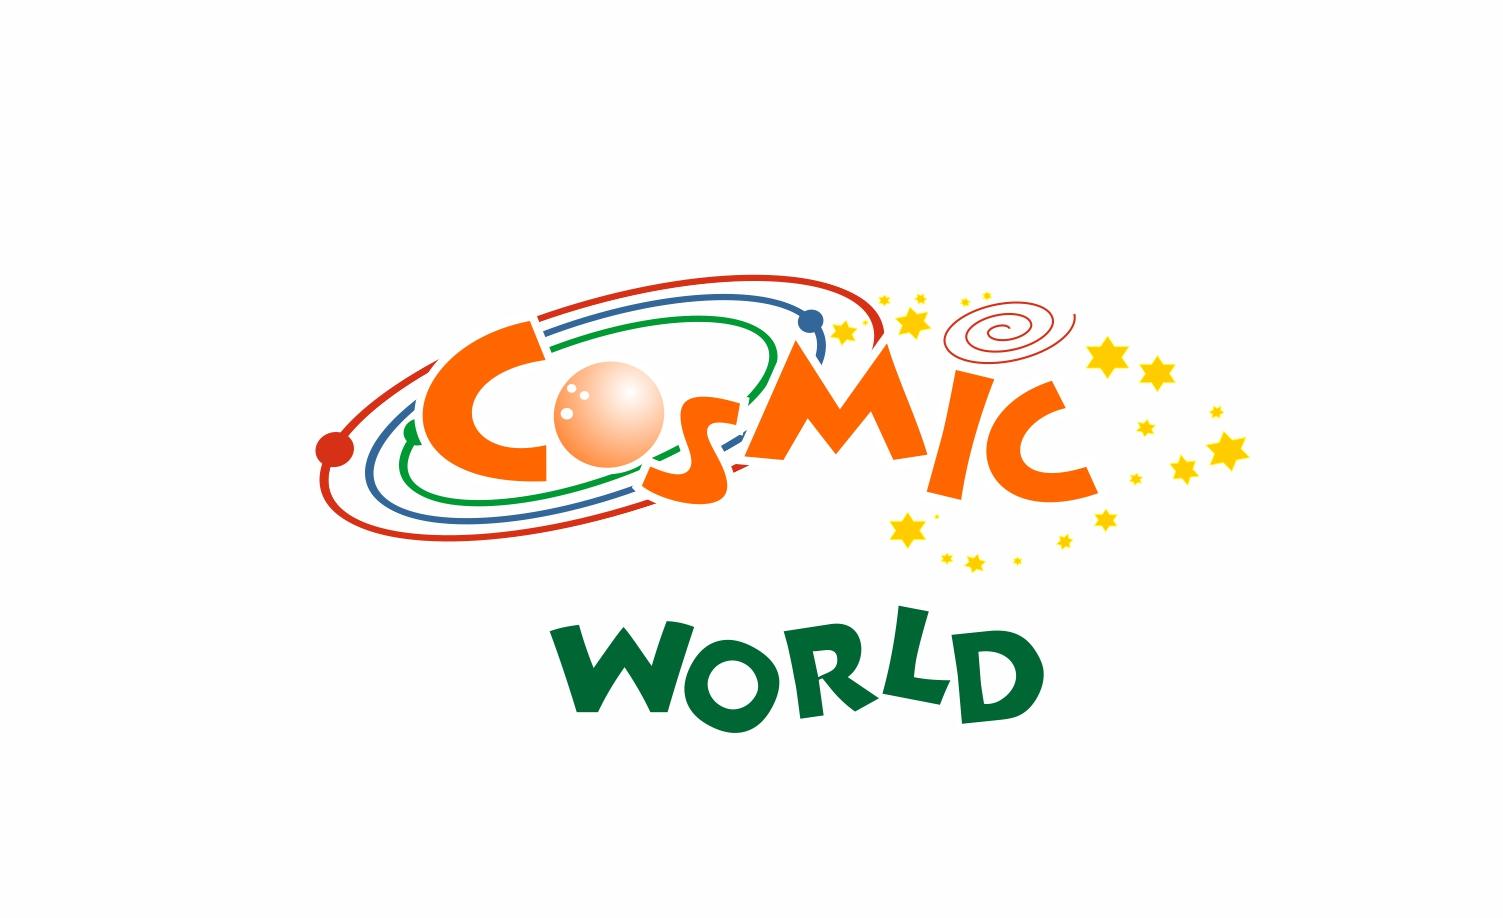 cosmic3